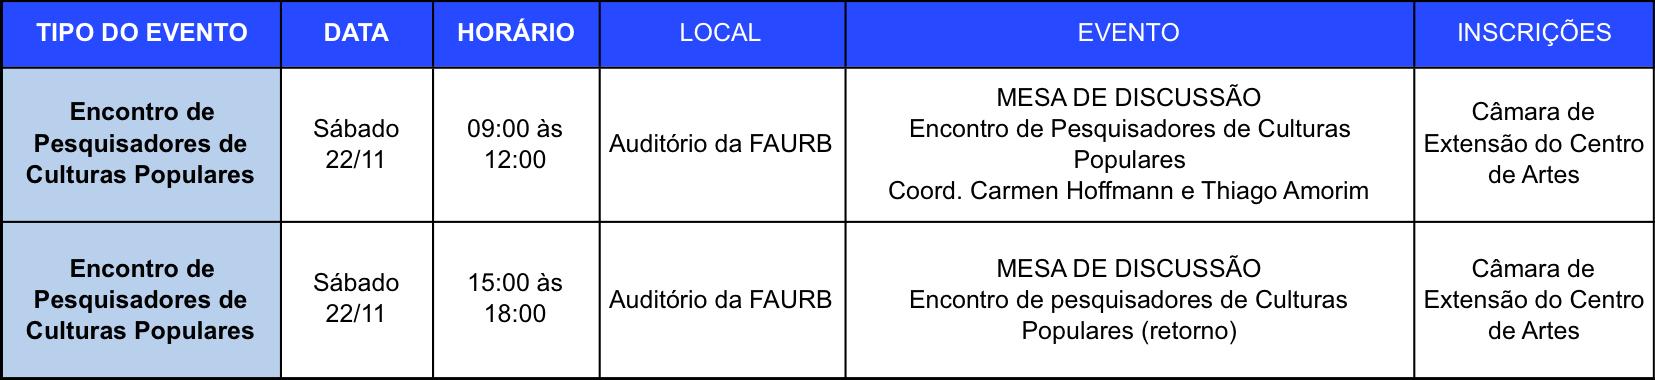 ENCONTRO DE PESQUISADORES